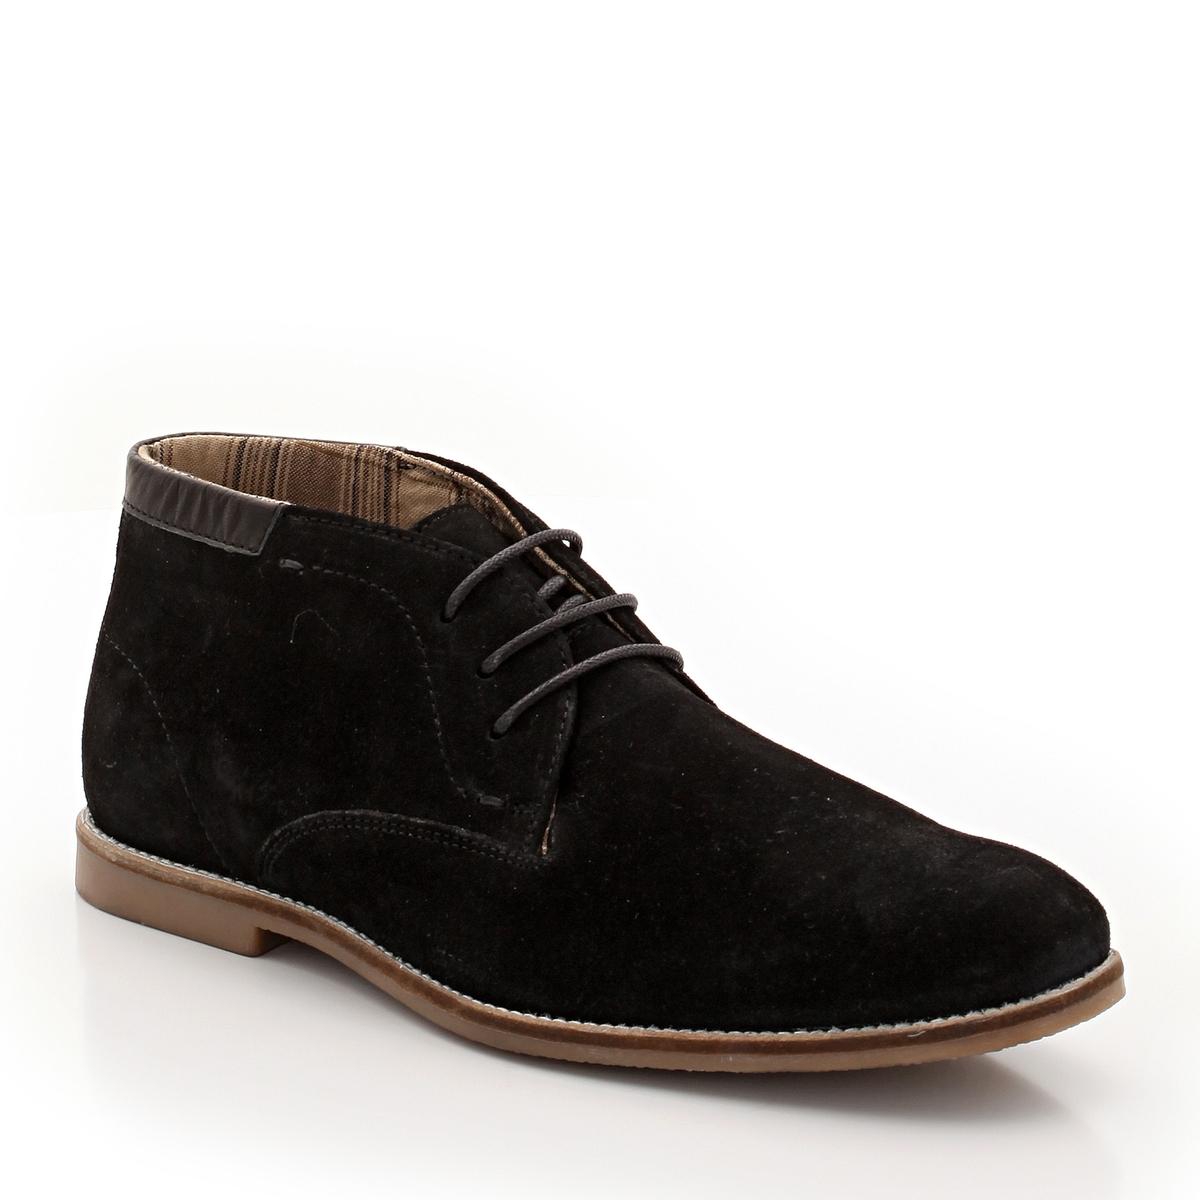 Ботинки La Redoute Из невыделанной яловичной кожи 40 черный цена